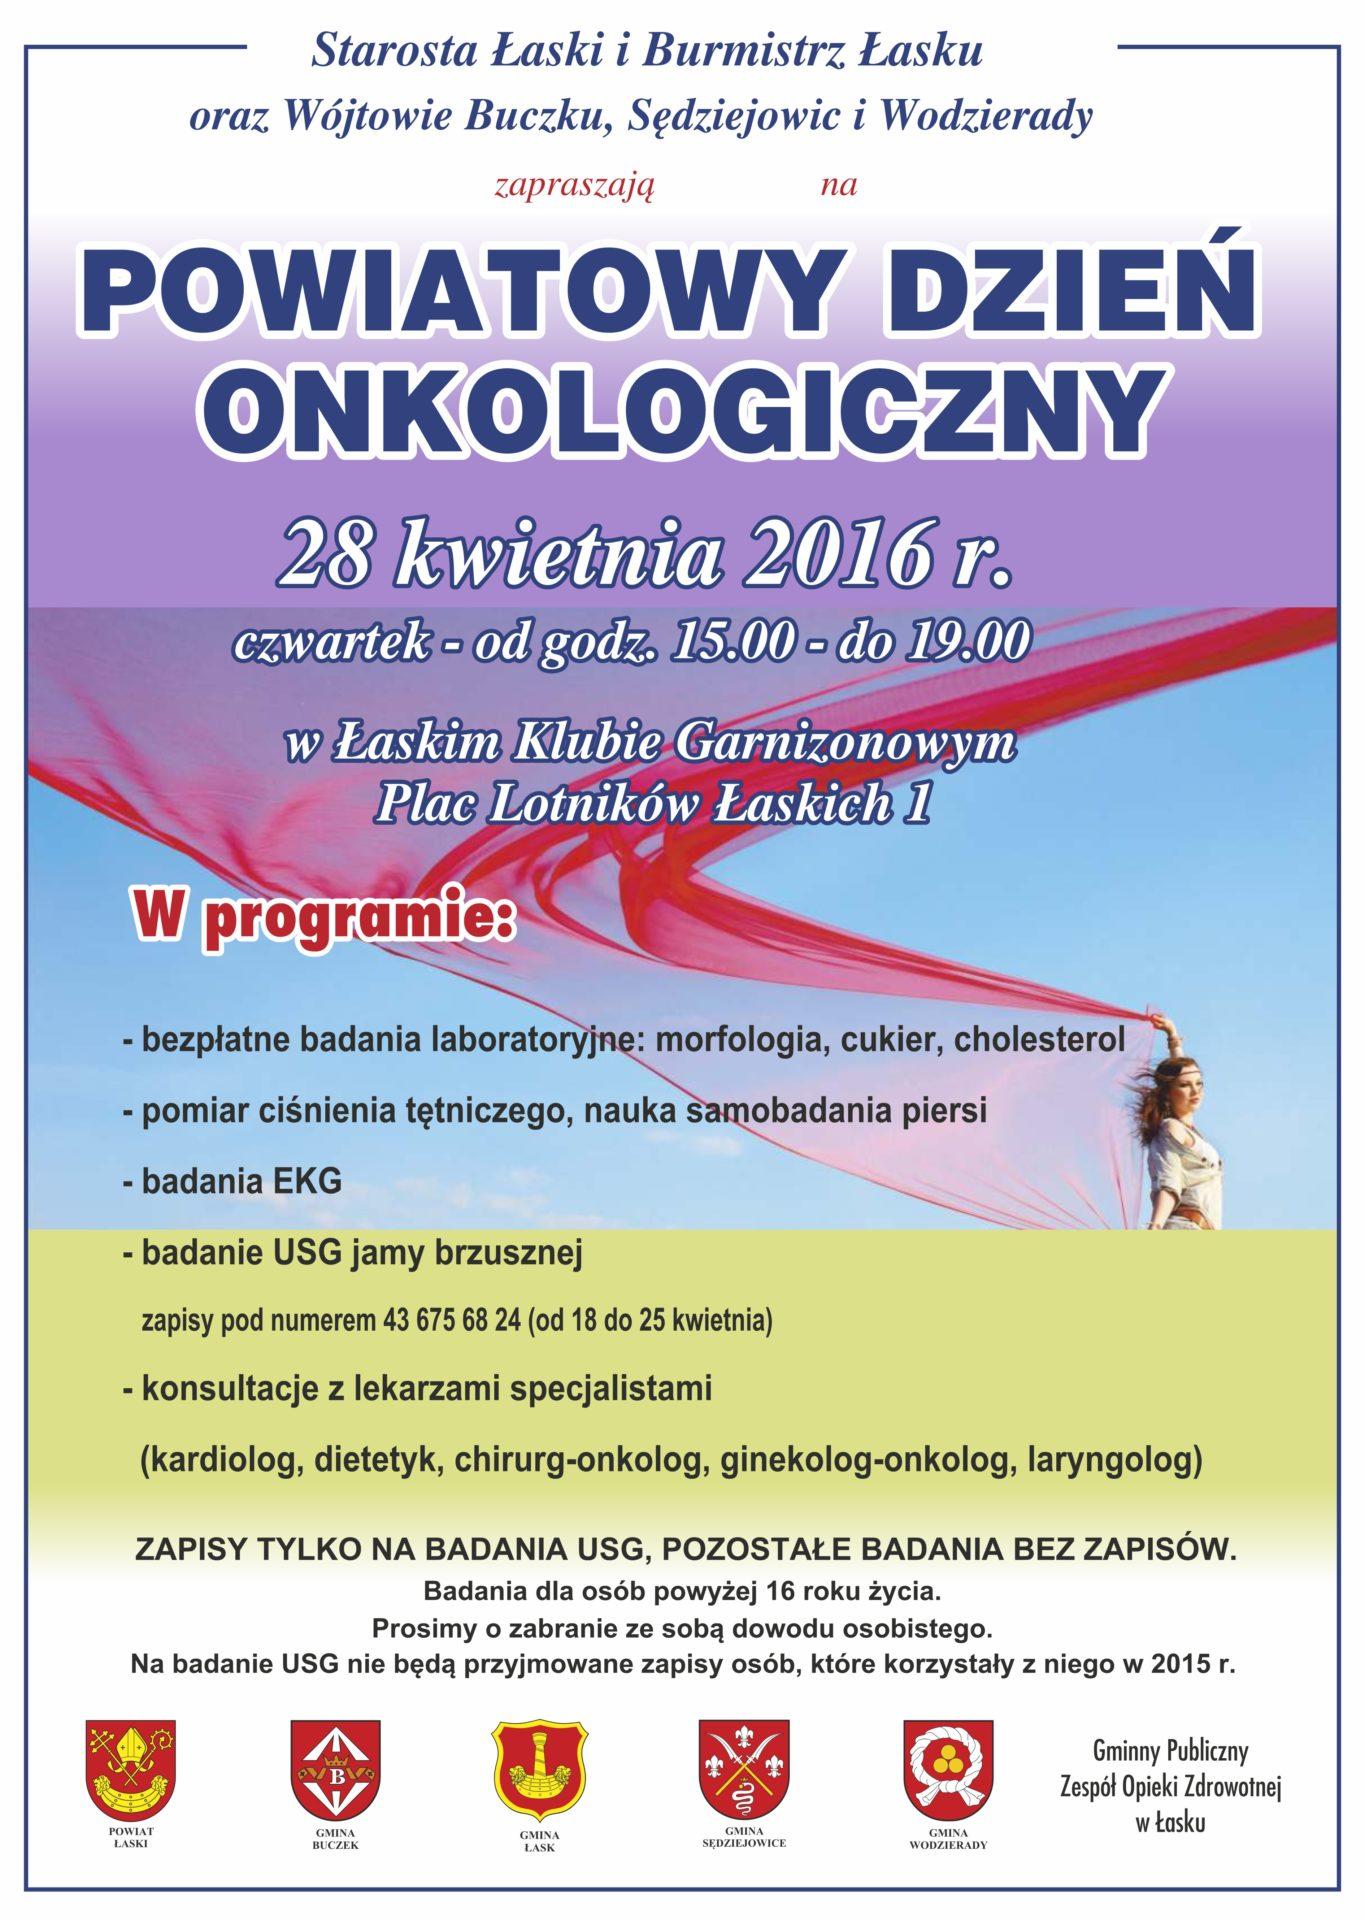 Powiatowy Dzień Onkologiczny – bezpłatne badania dla mieszkańców